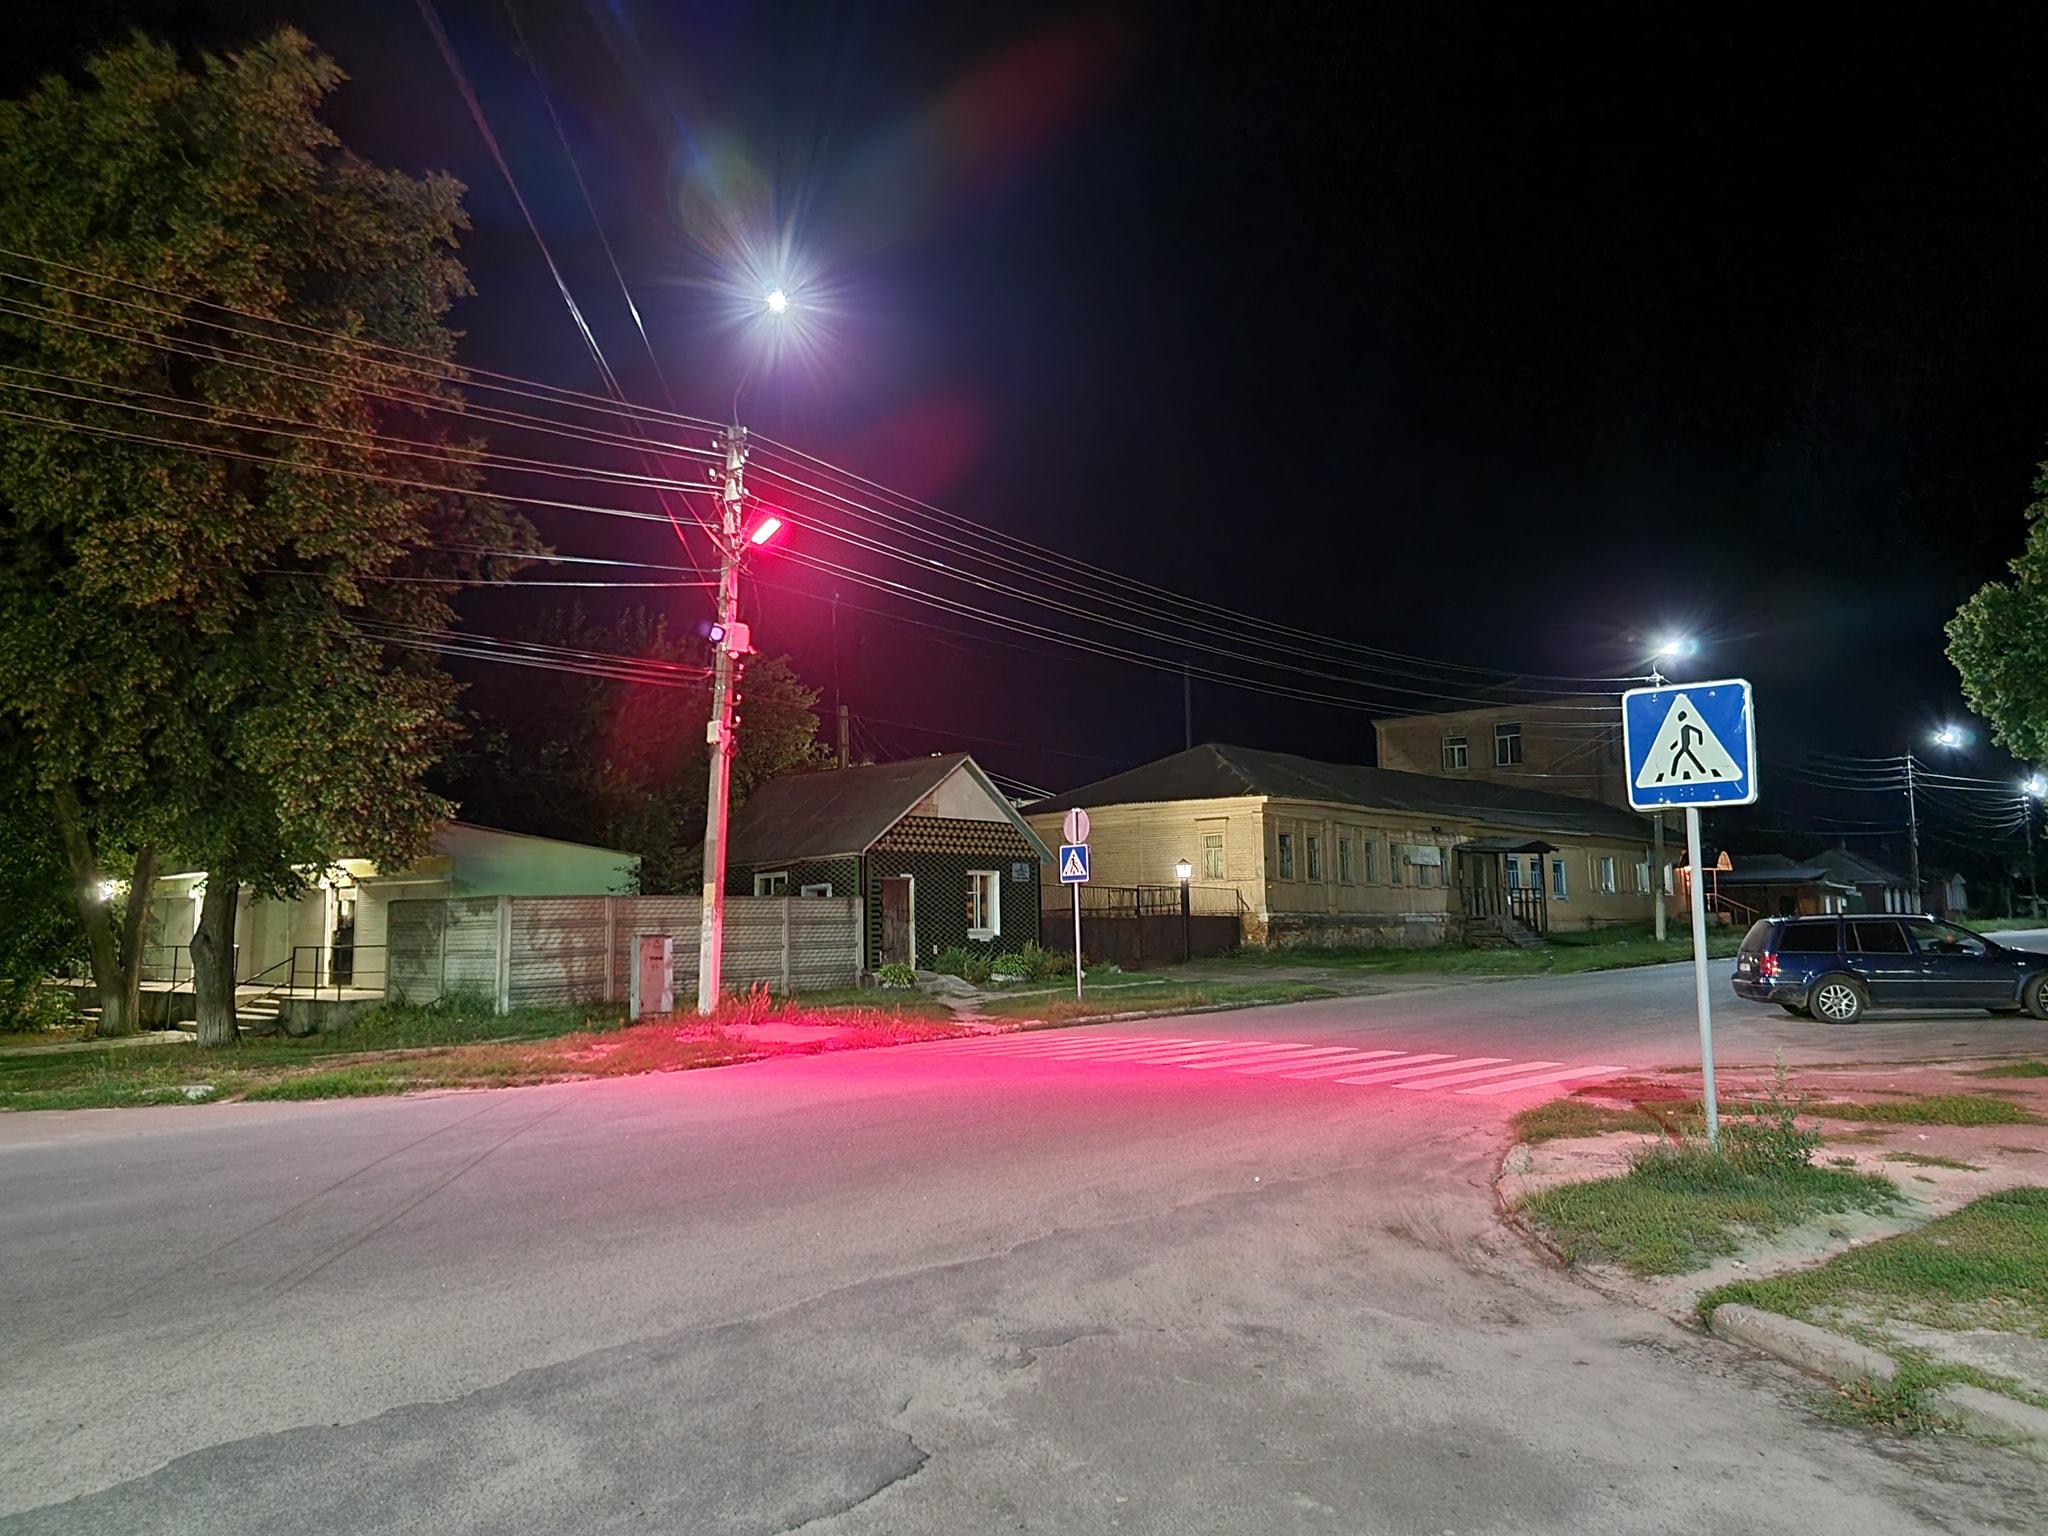 У Семенівці пішохідні переходи підсвітили червоним кольором. ФОТОфакт